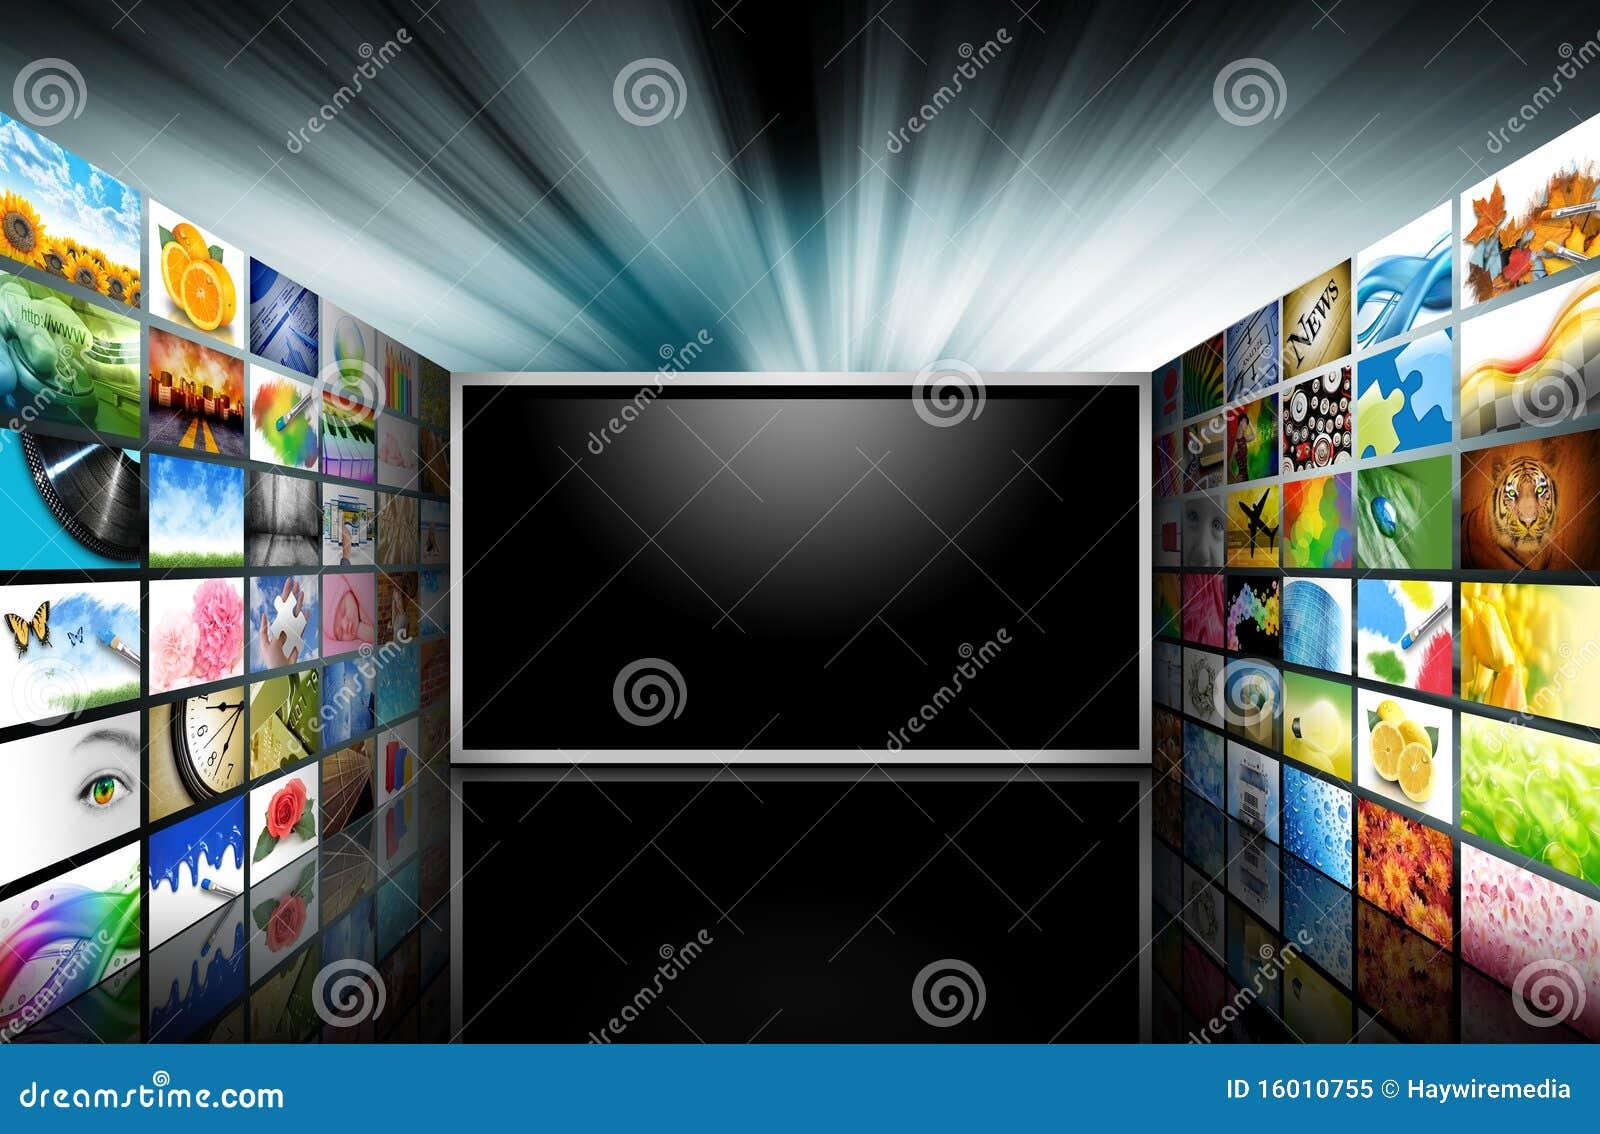 Televisão da tela lisa com imagens